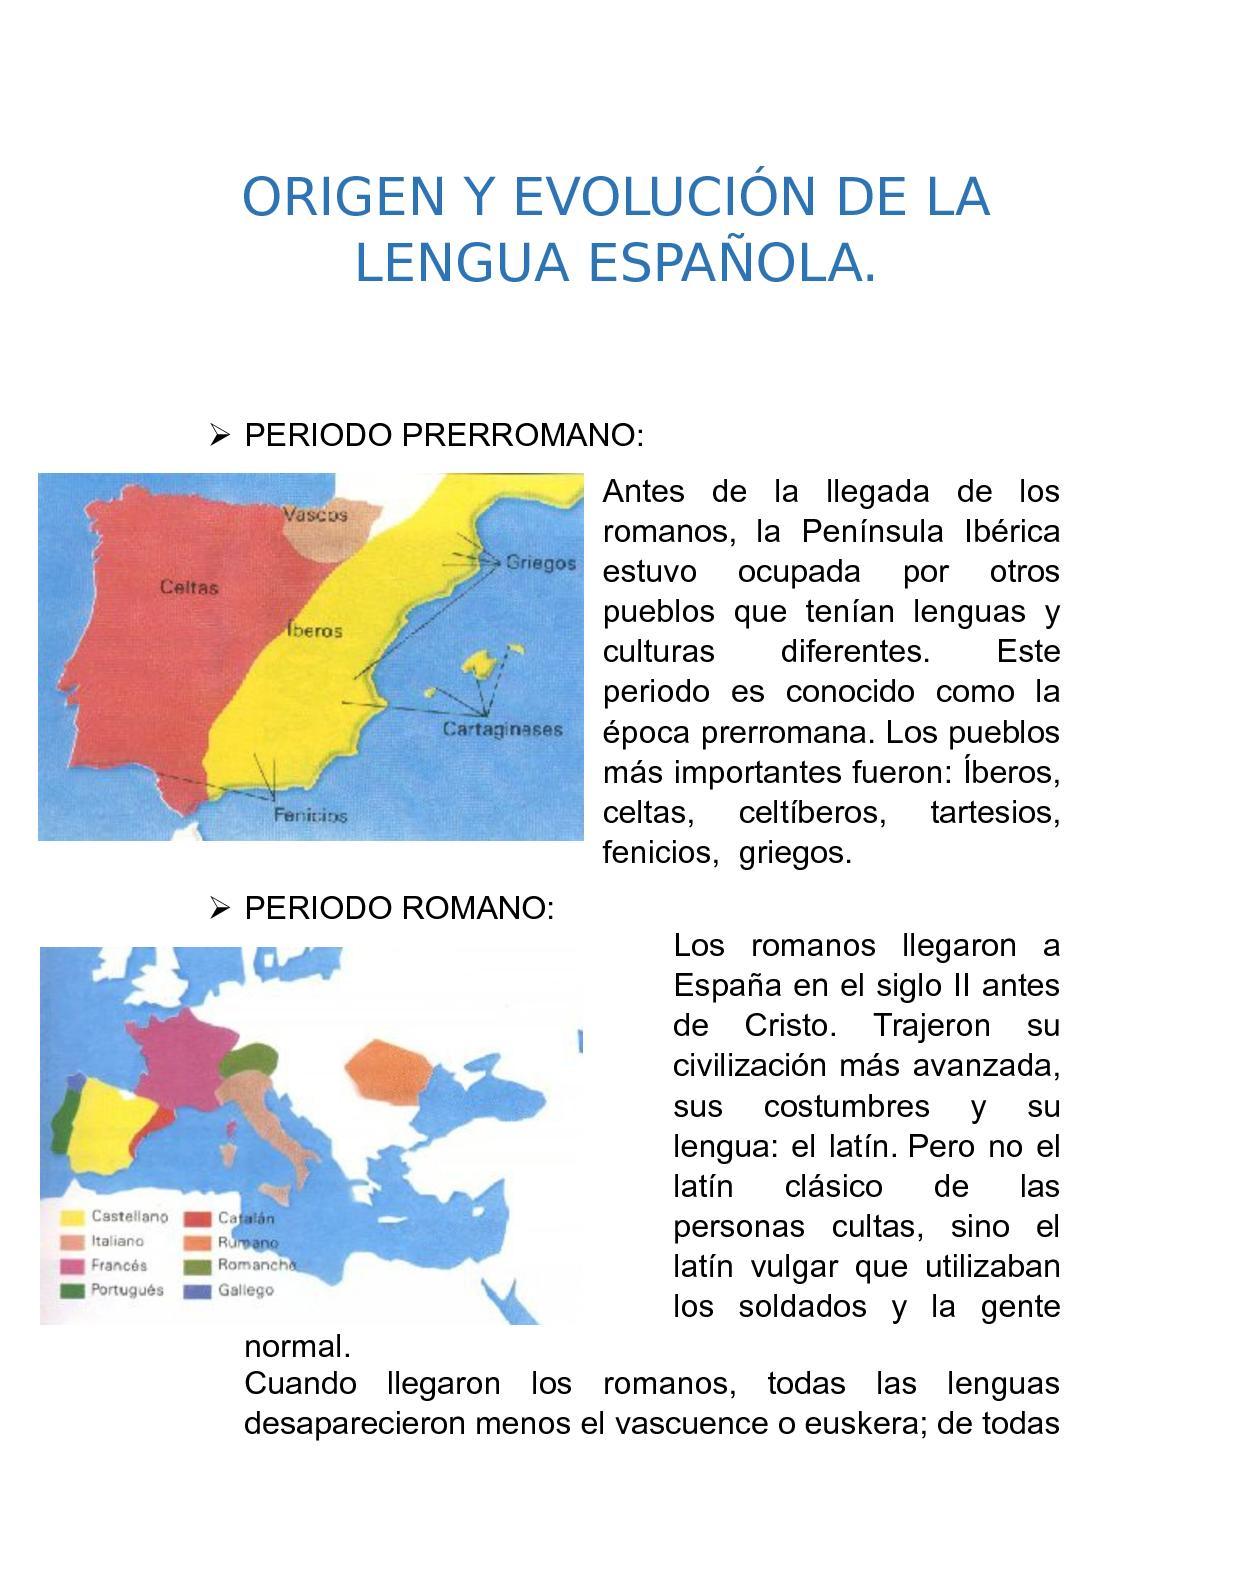 el origen de lengua española